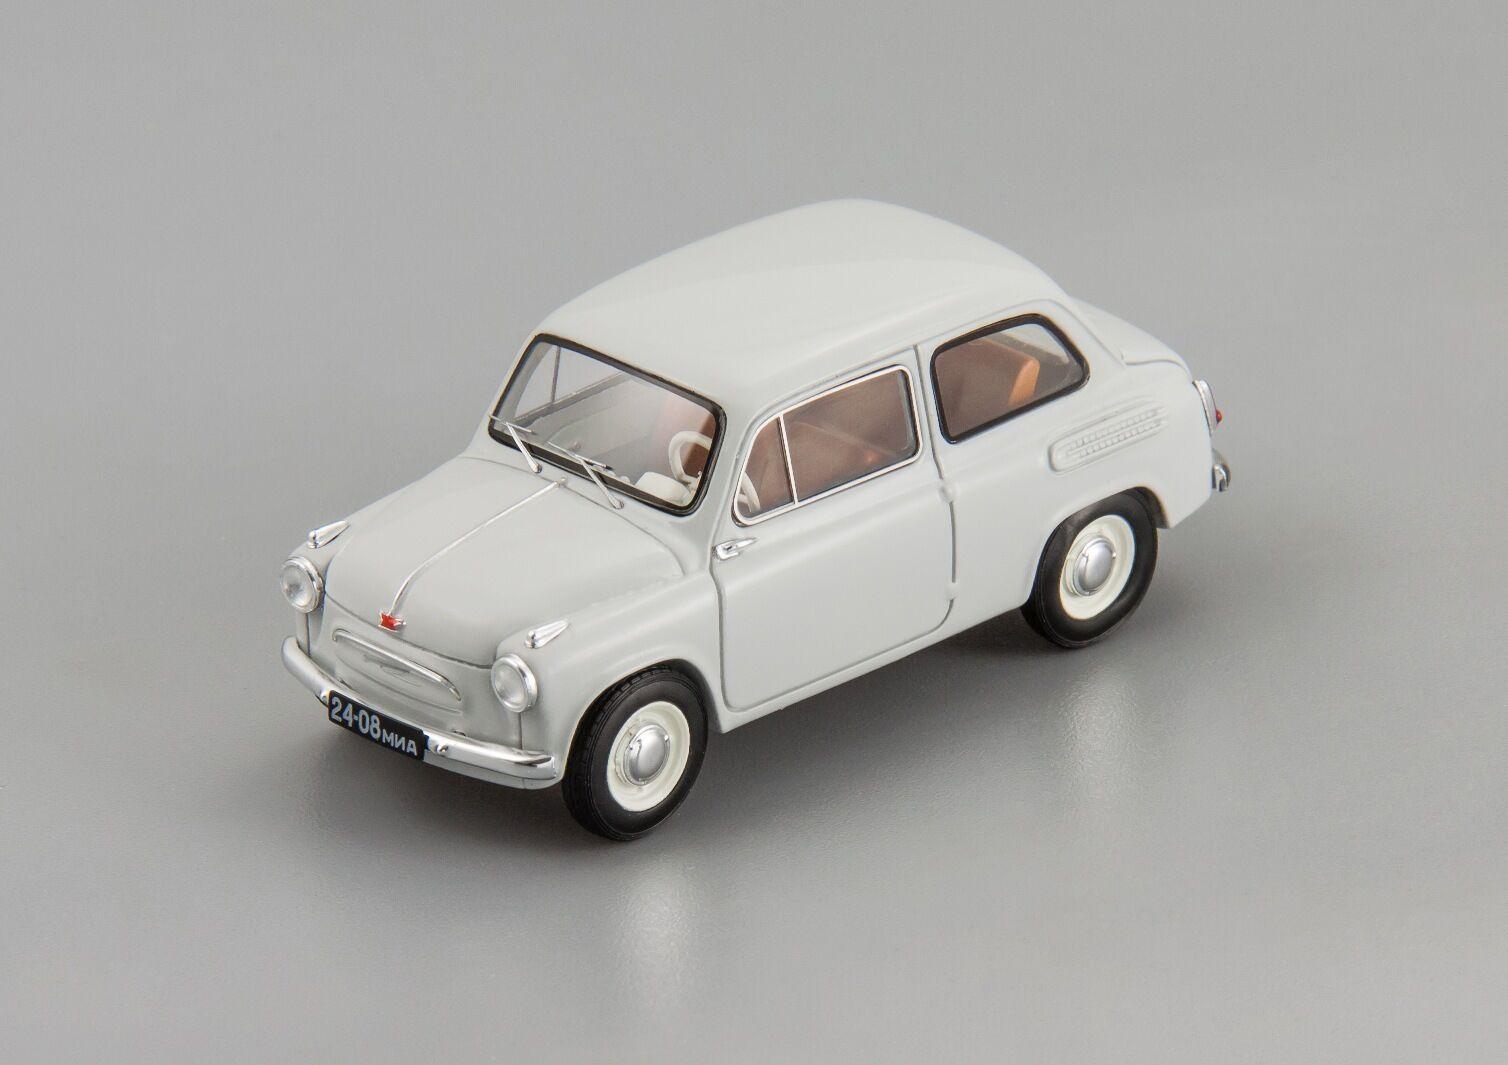 ЗАЗ-965 1960 г. (светло-серый)   ZAZ-965 DiP models 1 43 Lim. 360 pcs. SALE